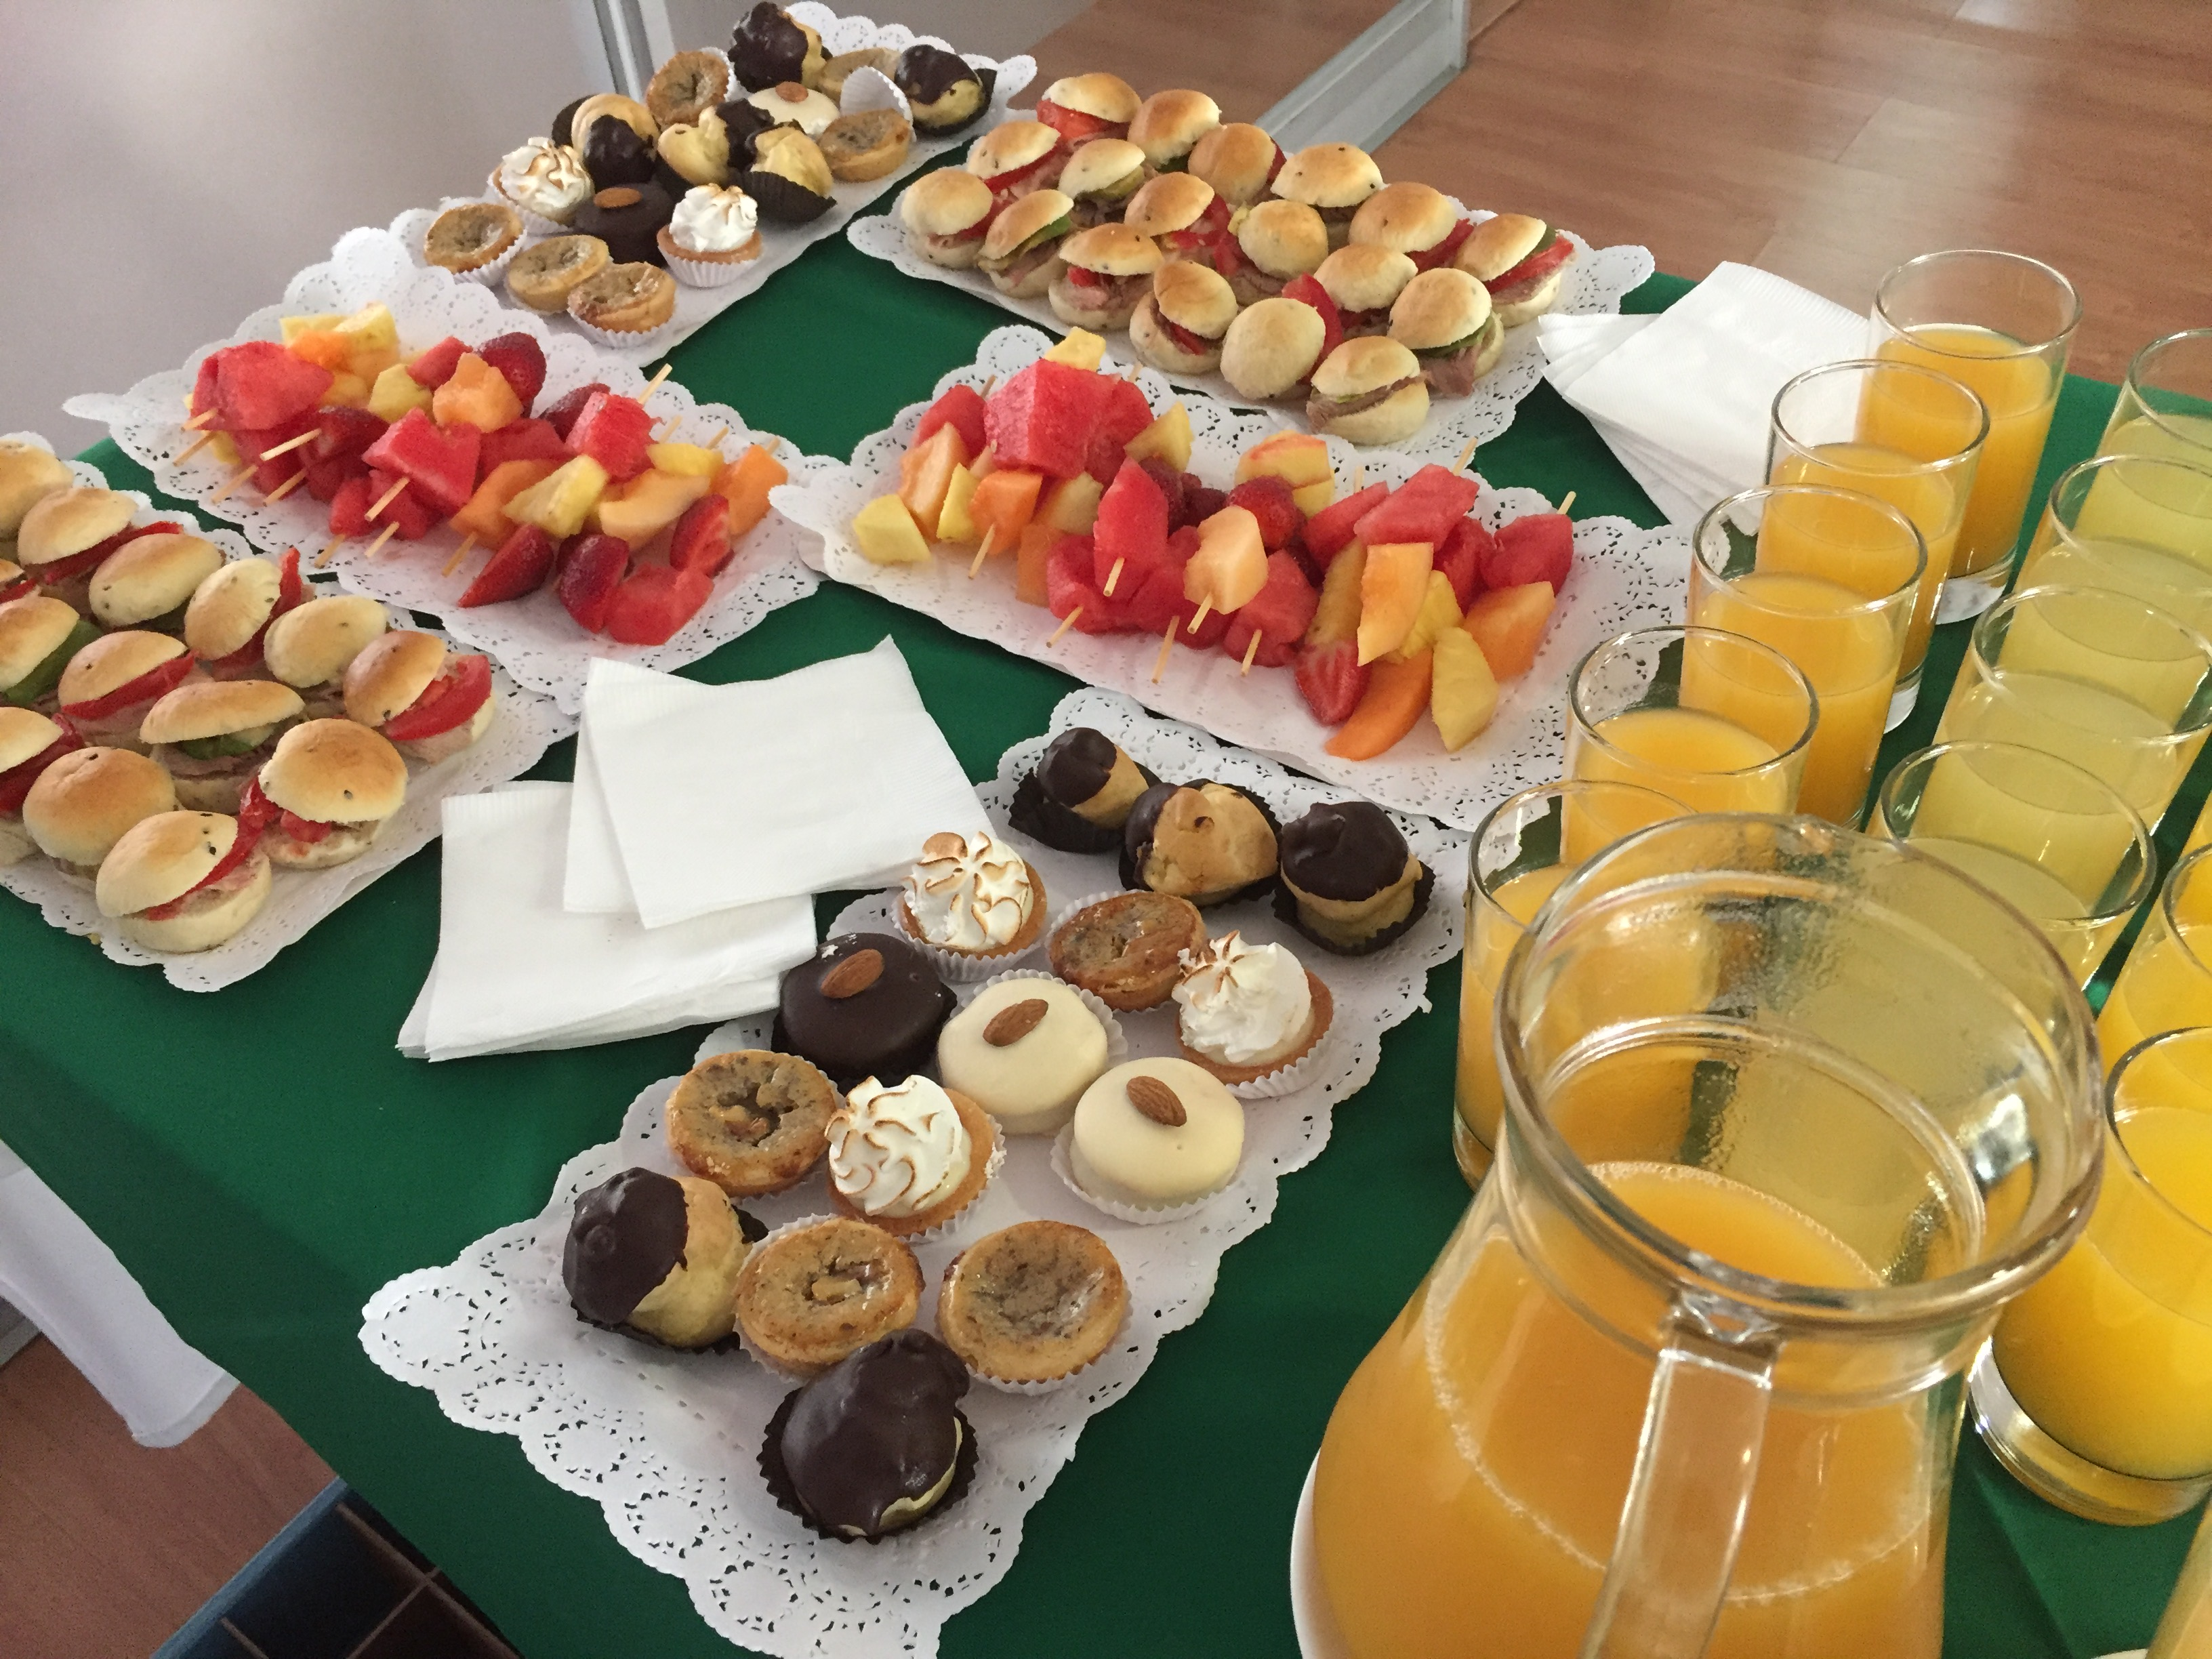 desayuno-para-empresa-banqueteria-florence-0007